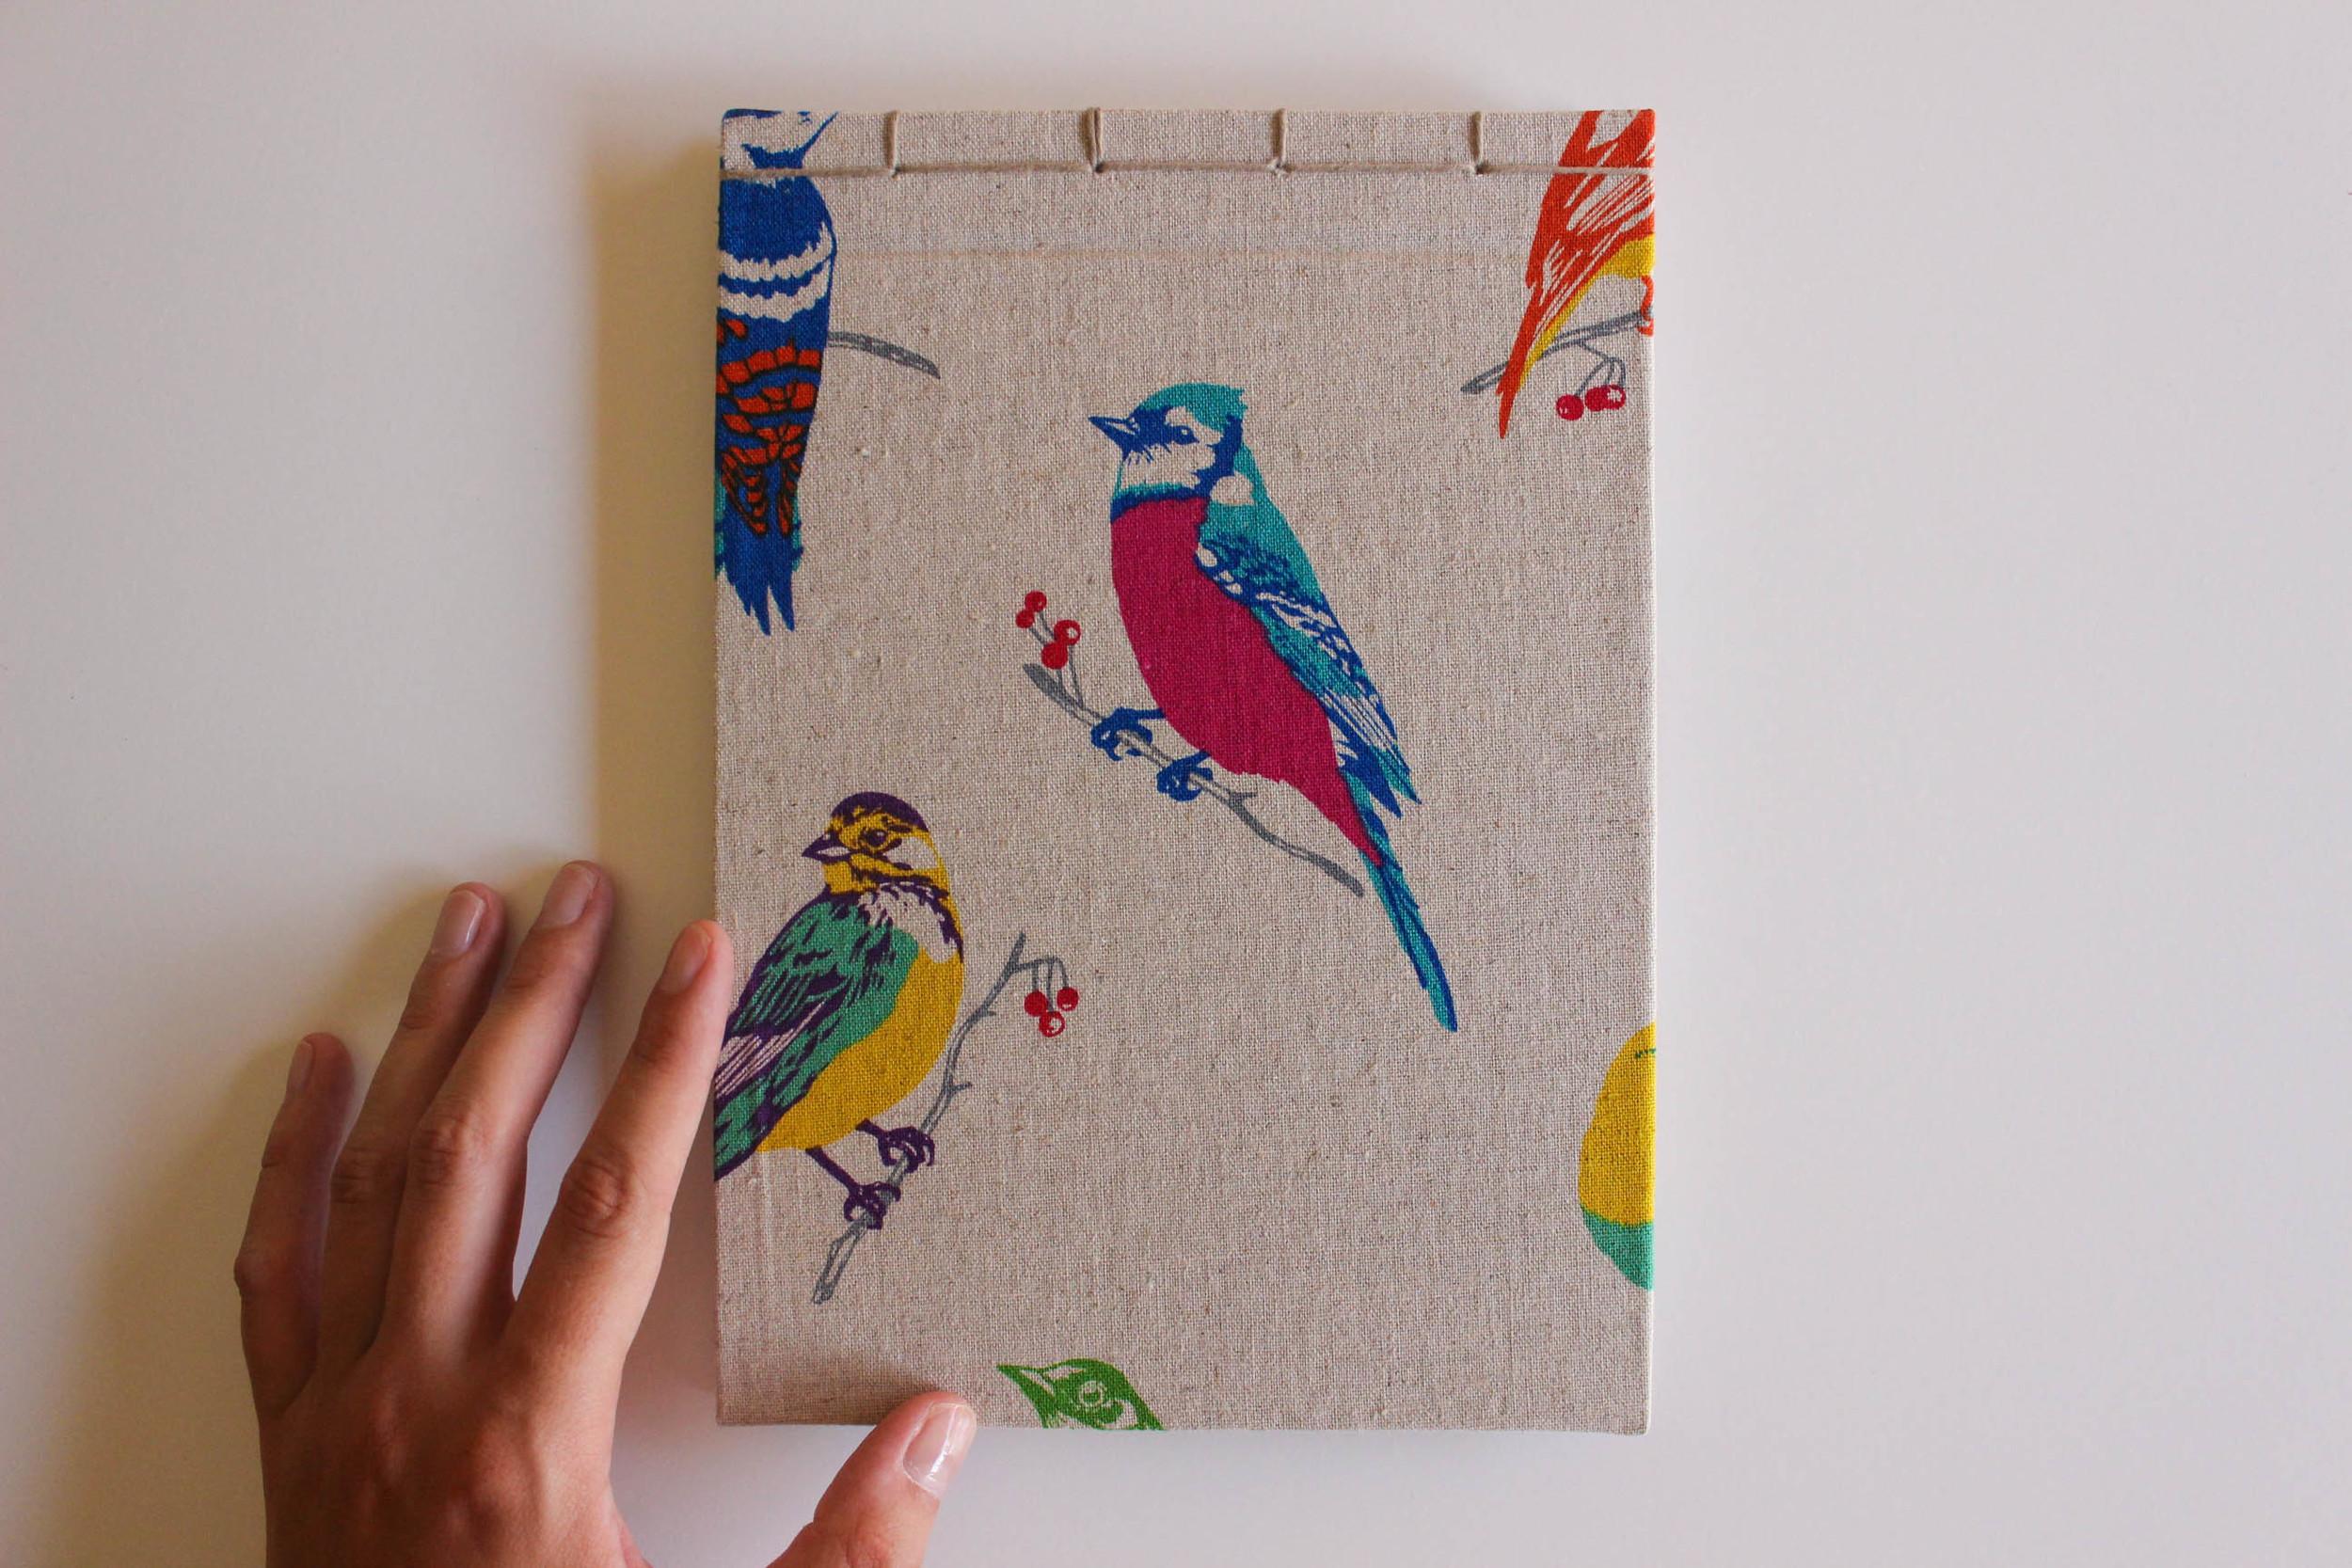 Els quaderns de Paper Factorem estan disponibles en els formats A6, A5 i A4.